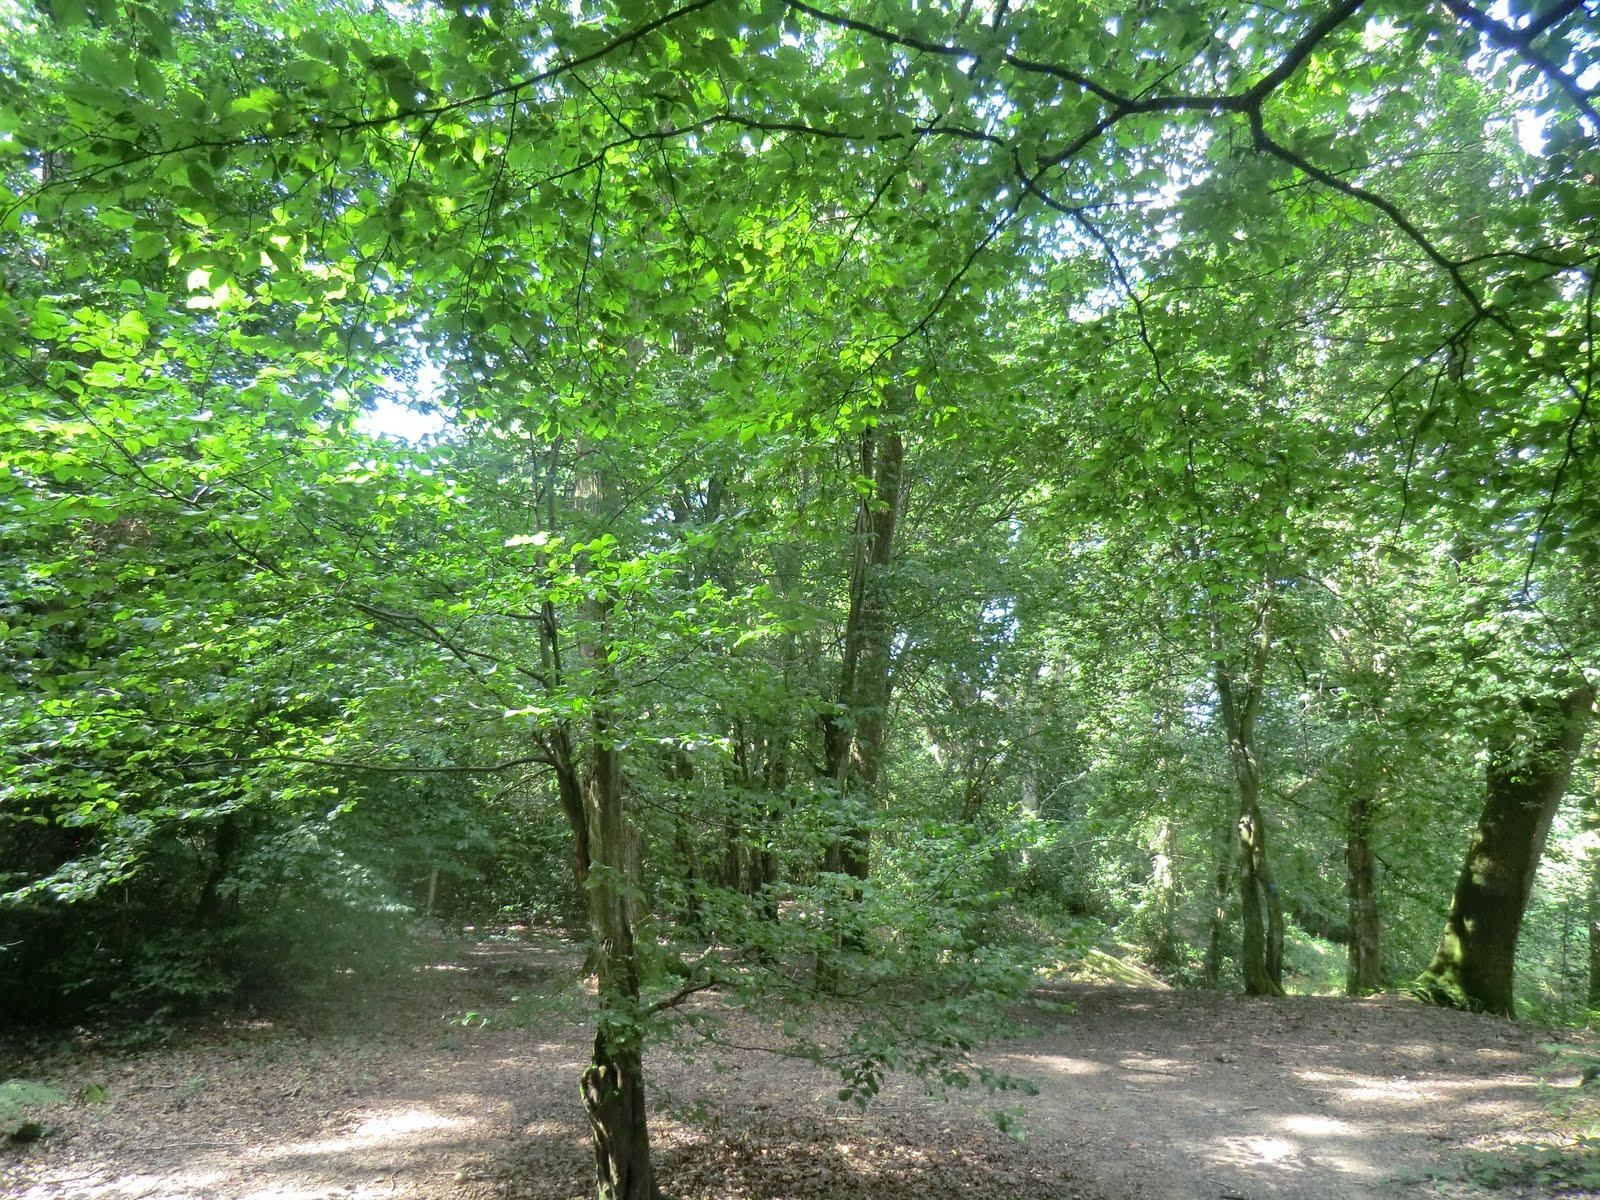 CIMG3884 Through a sun-dappled wood